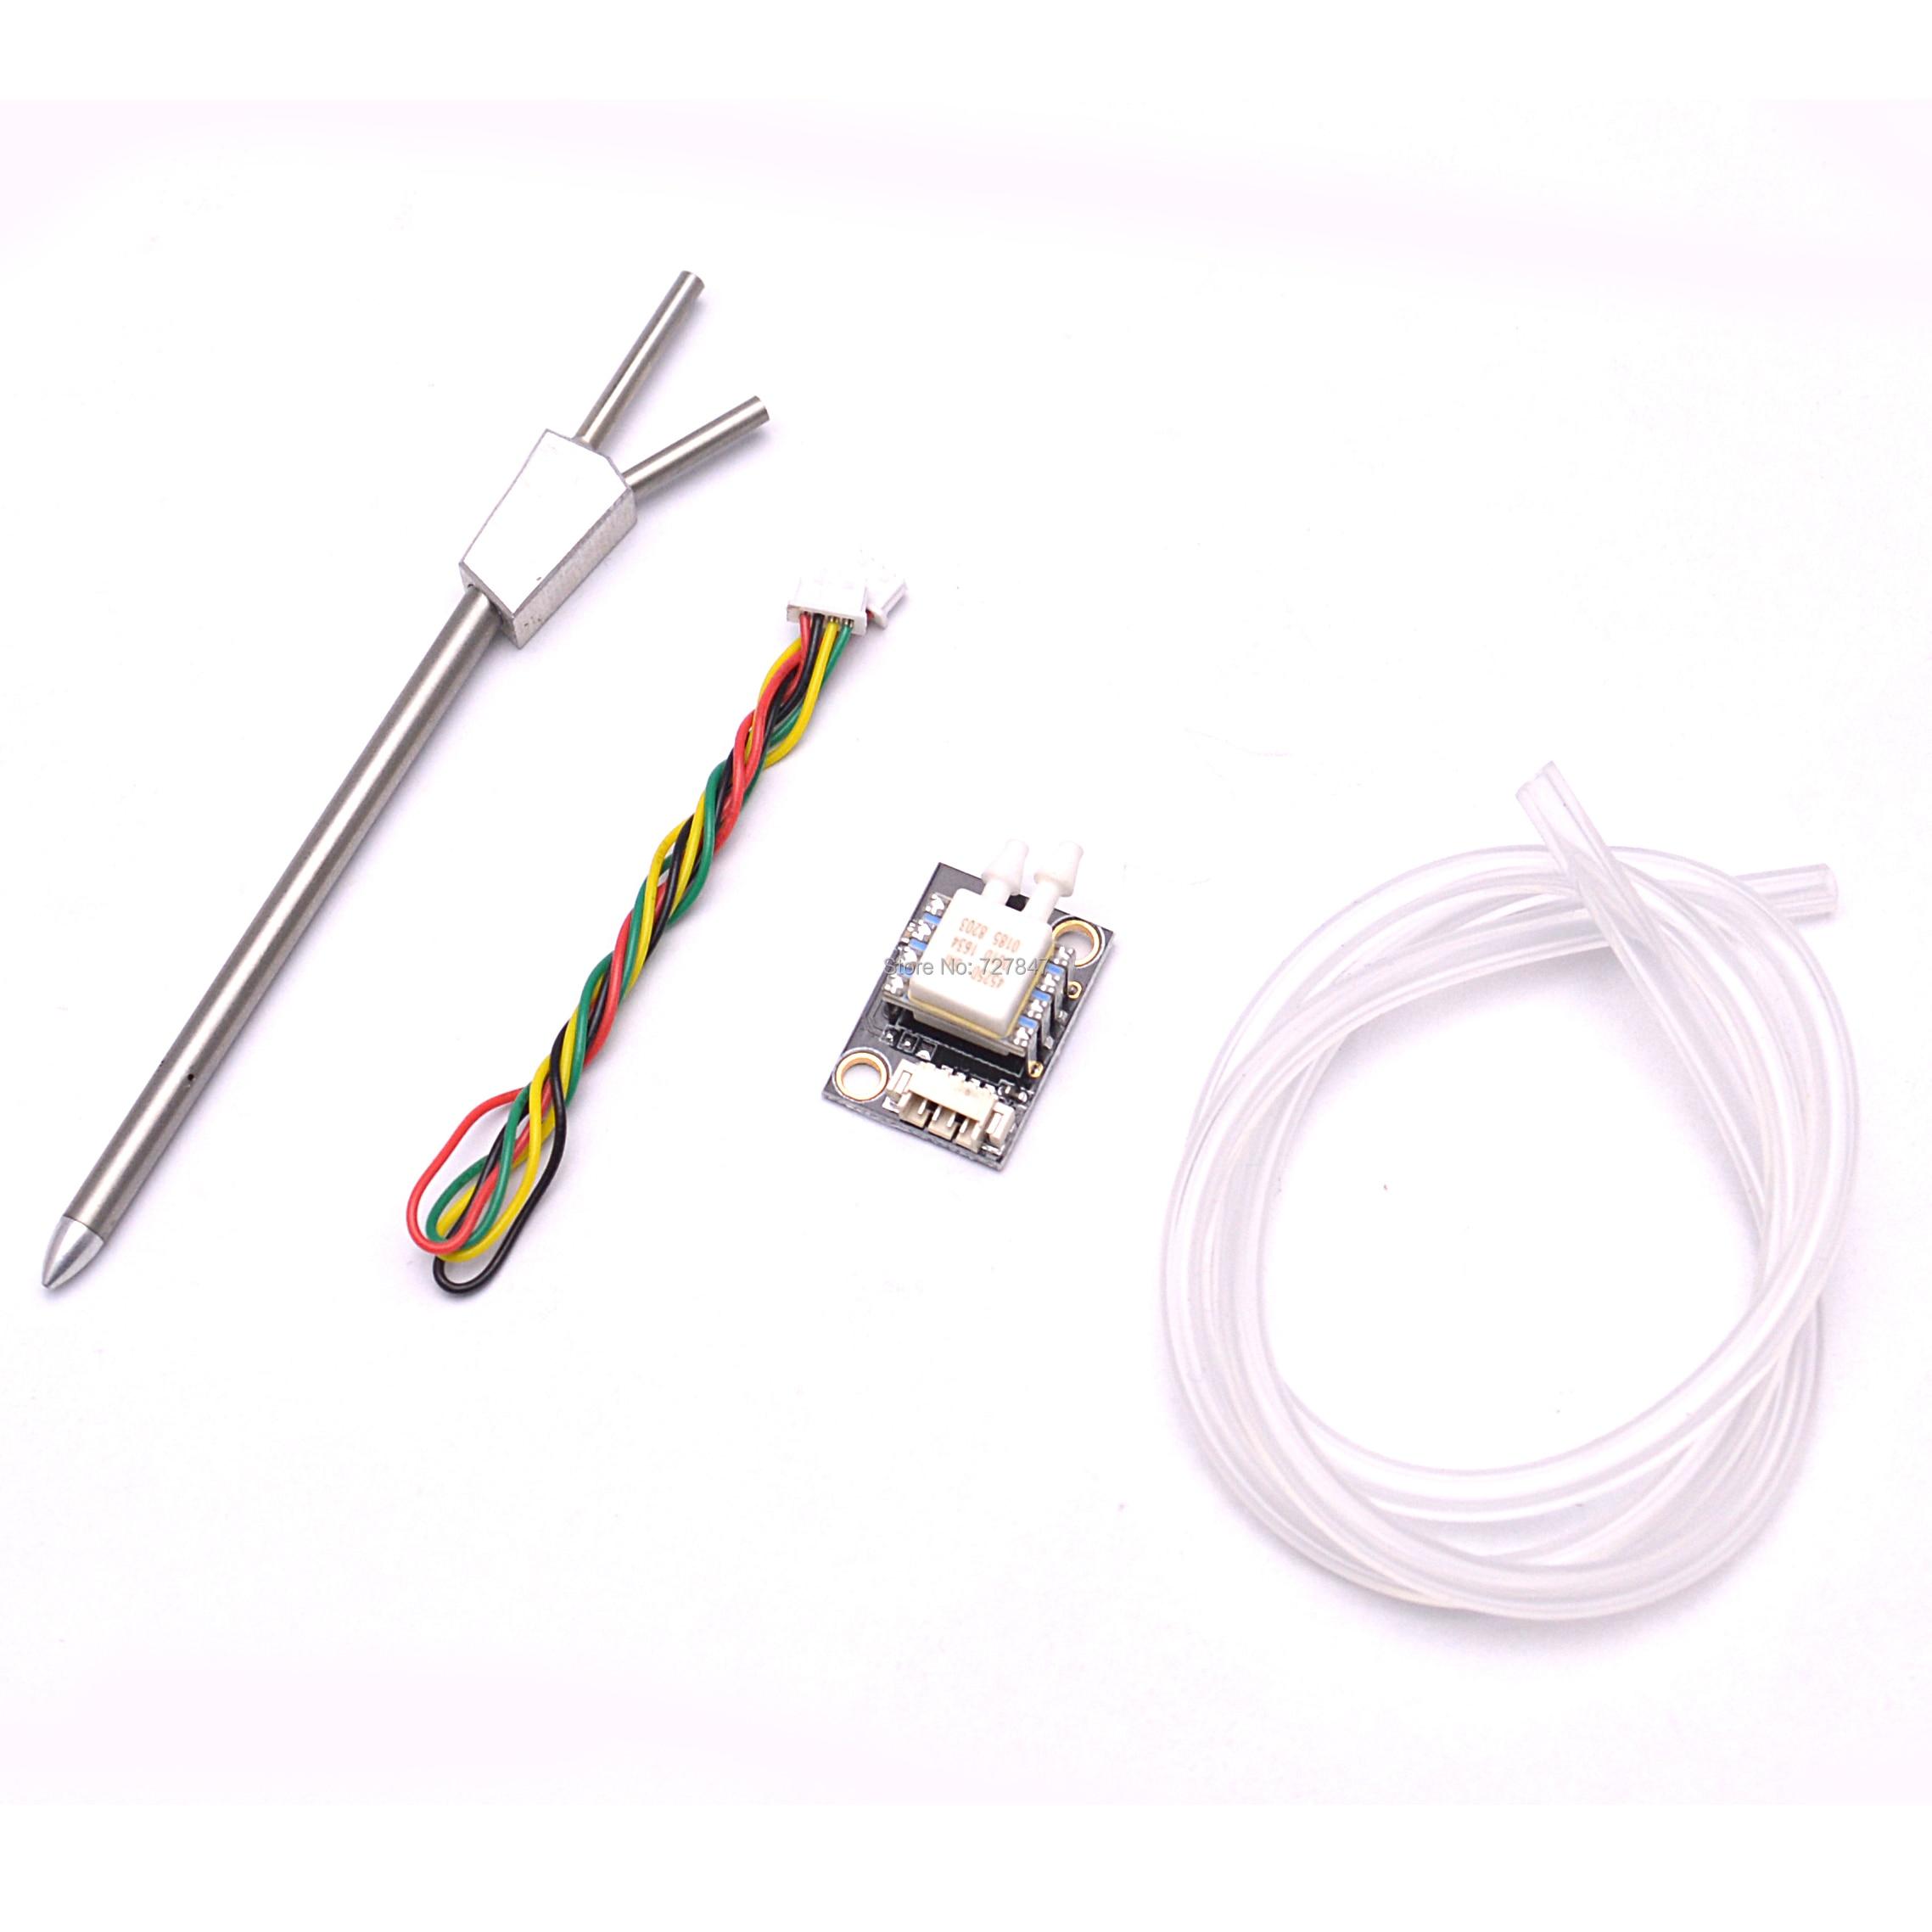 Pixhawk PX4 Diferencial Sensor de Velocidade Do Ar Cabeça Tubo de Pitot Airspeedometer para PX4 PIXHAWK 2.4.8/2.4.7 Piloto Automático Controlador de Vôo